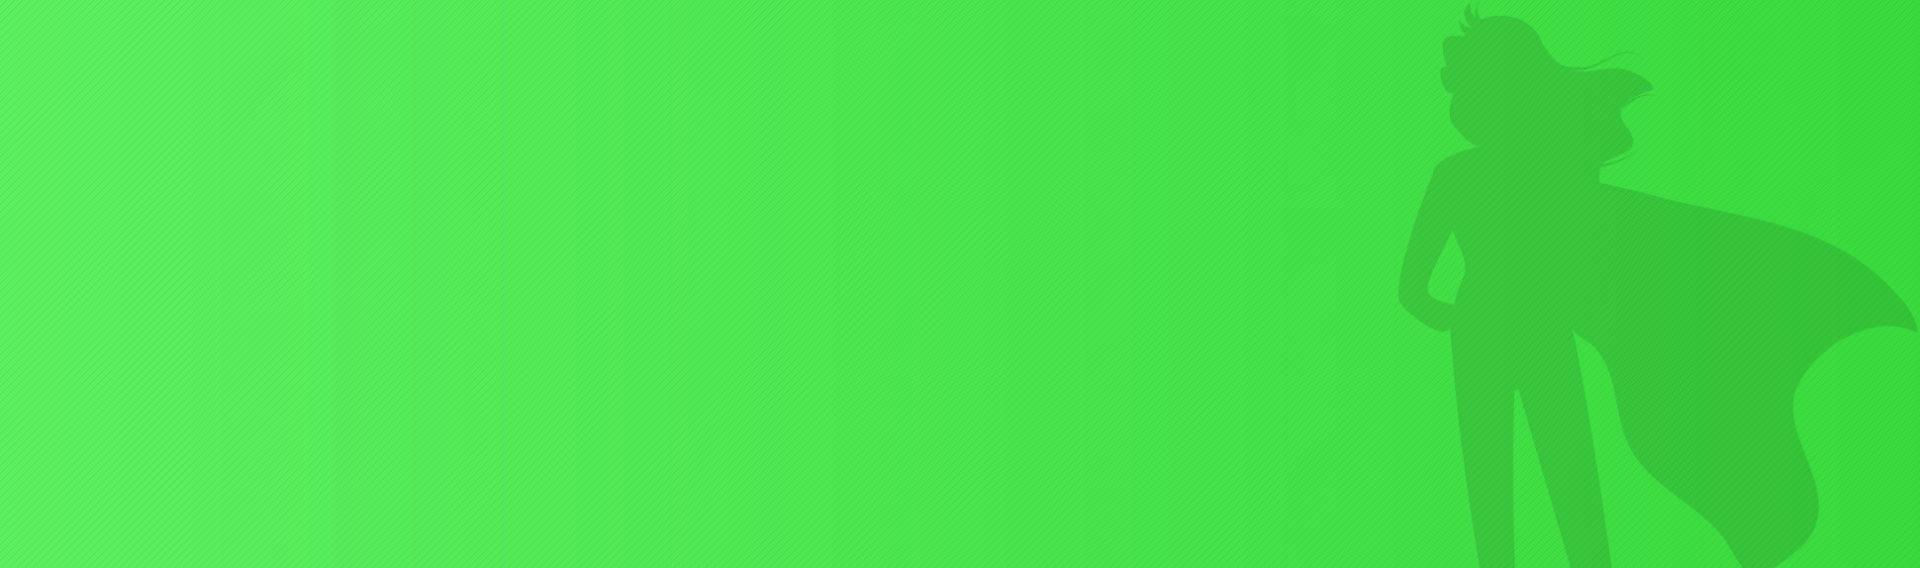 Hintergrundgrafik in grün mit streifen